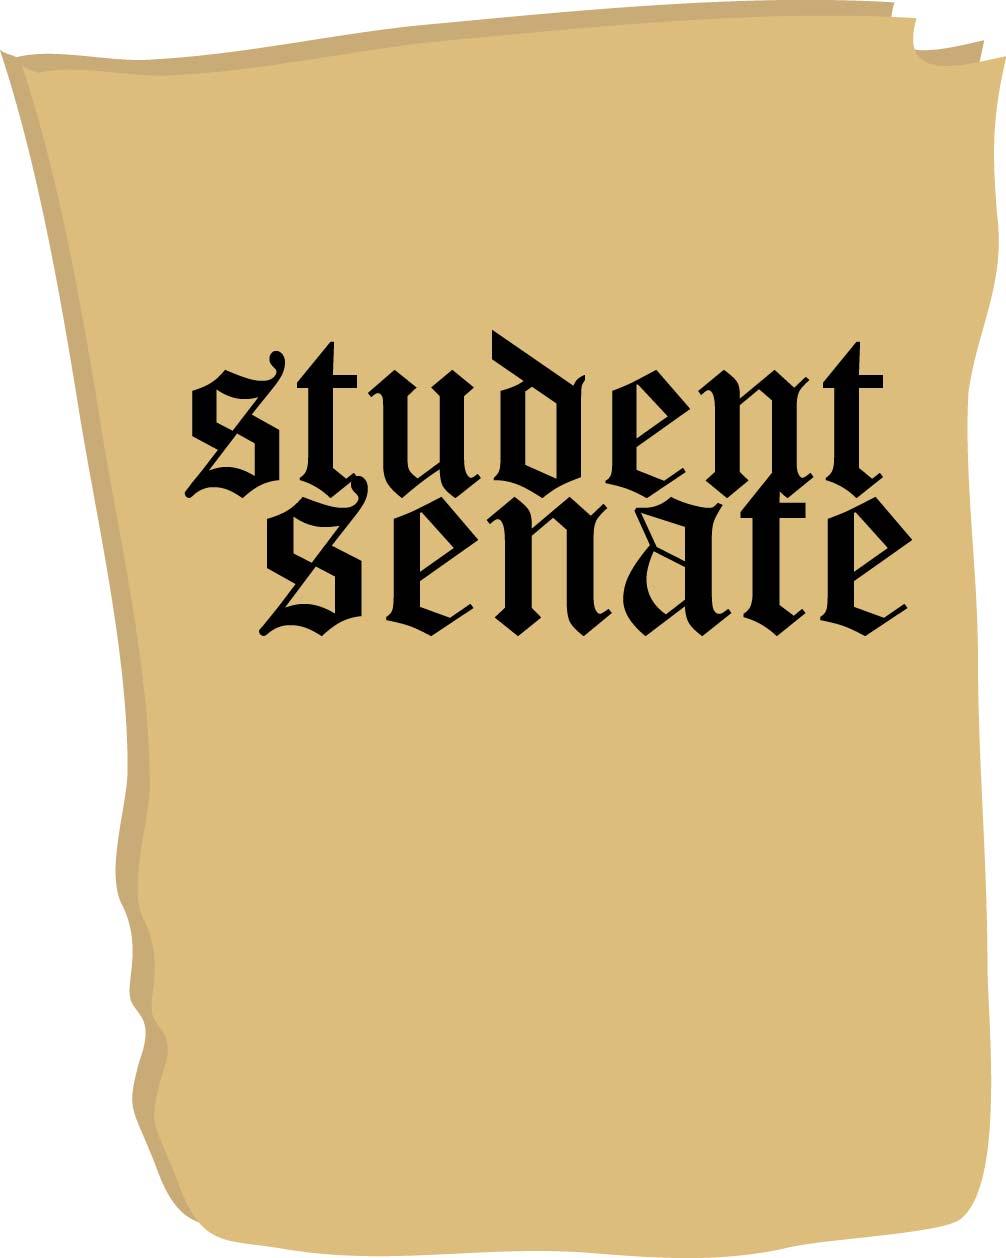 studentsenate-keyla